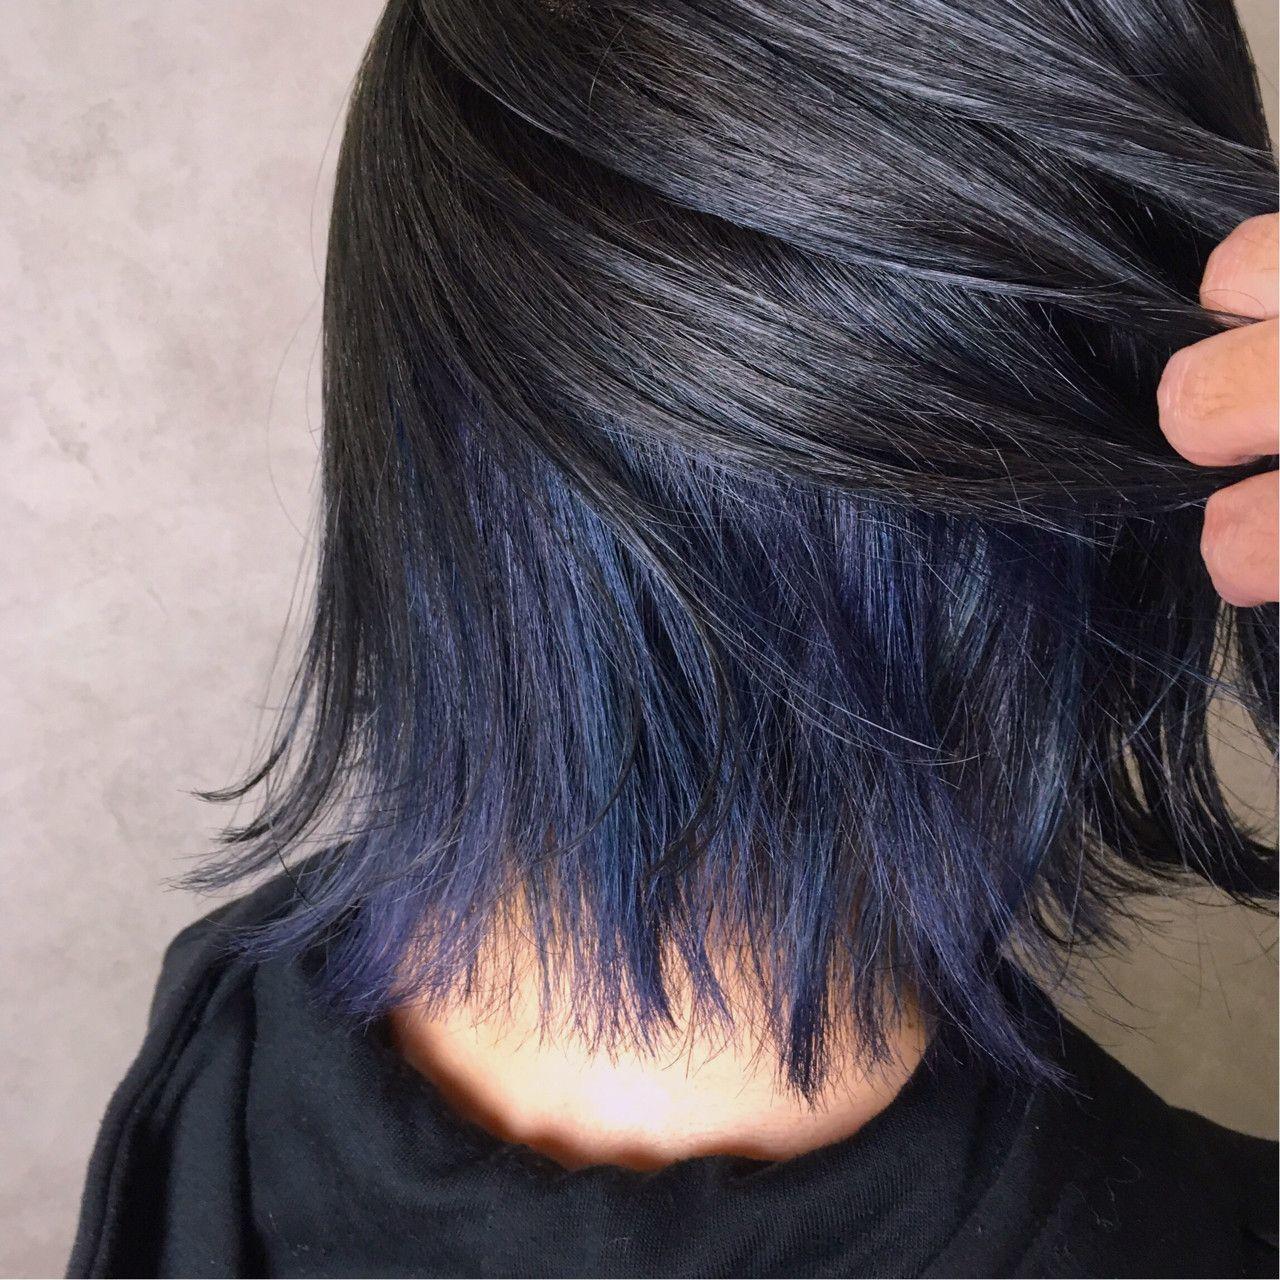 次のヘアカラーは、ブルーブラックへシフト!透明感を手に入れよう♡の19枚目の画像